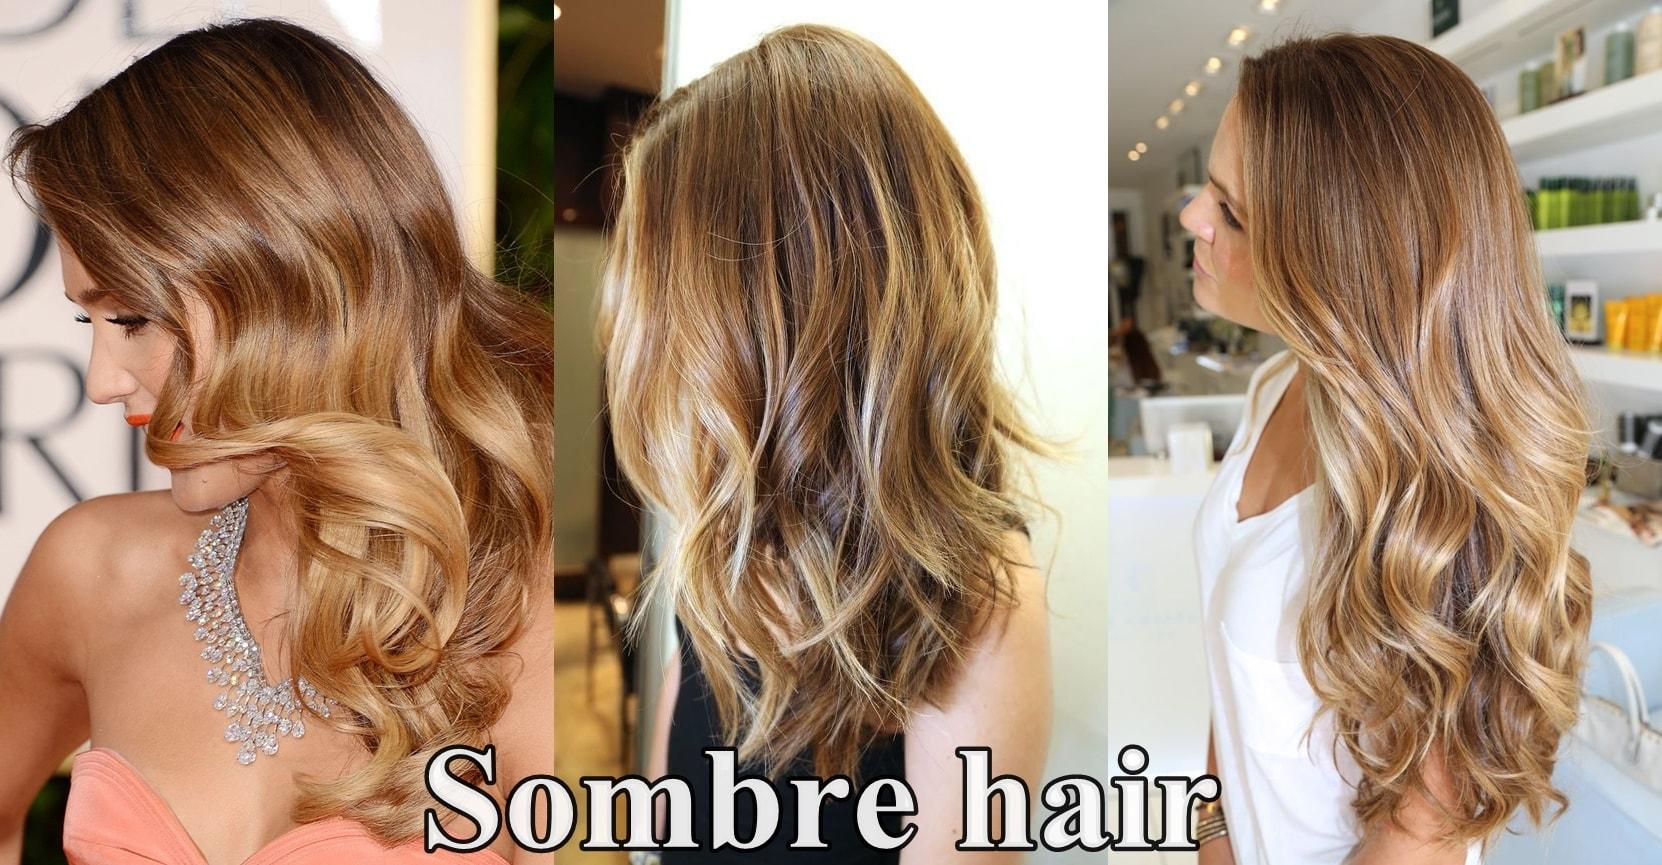 sombre hair